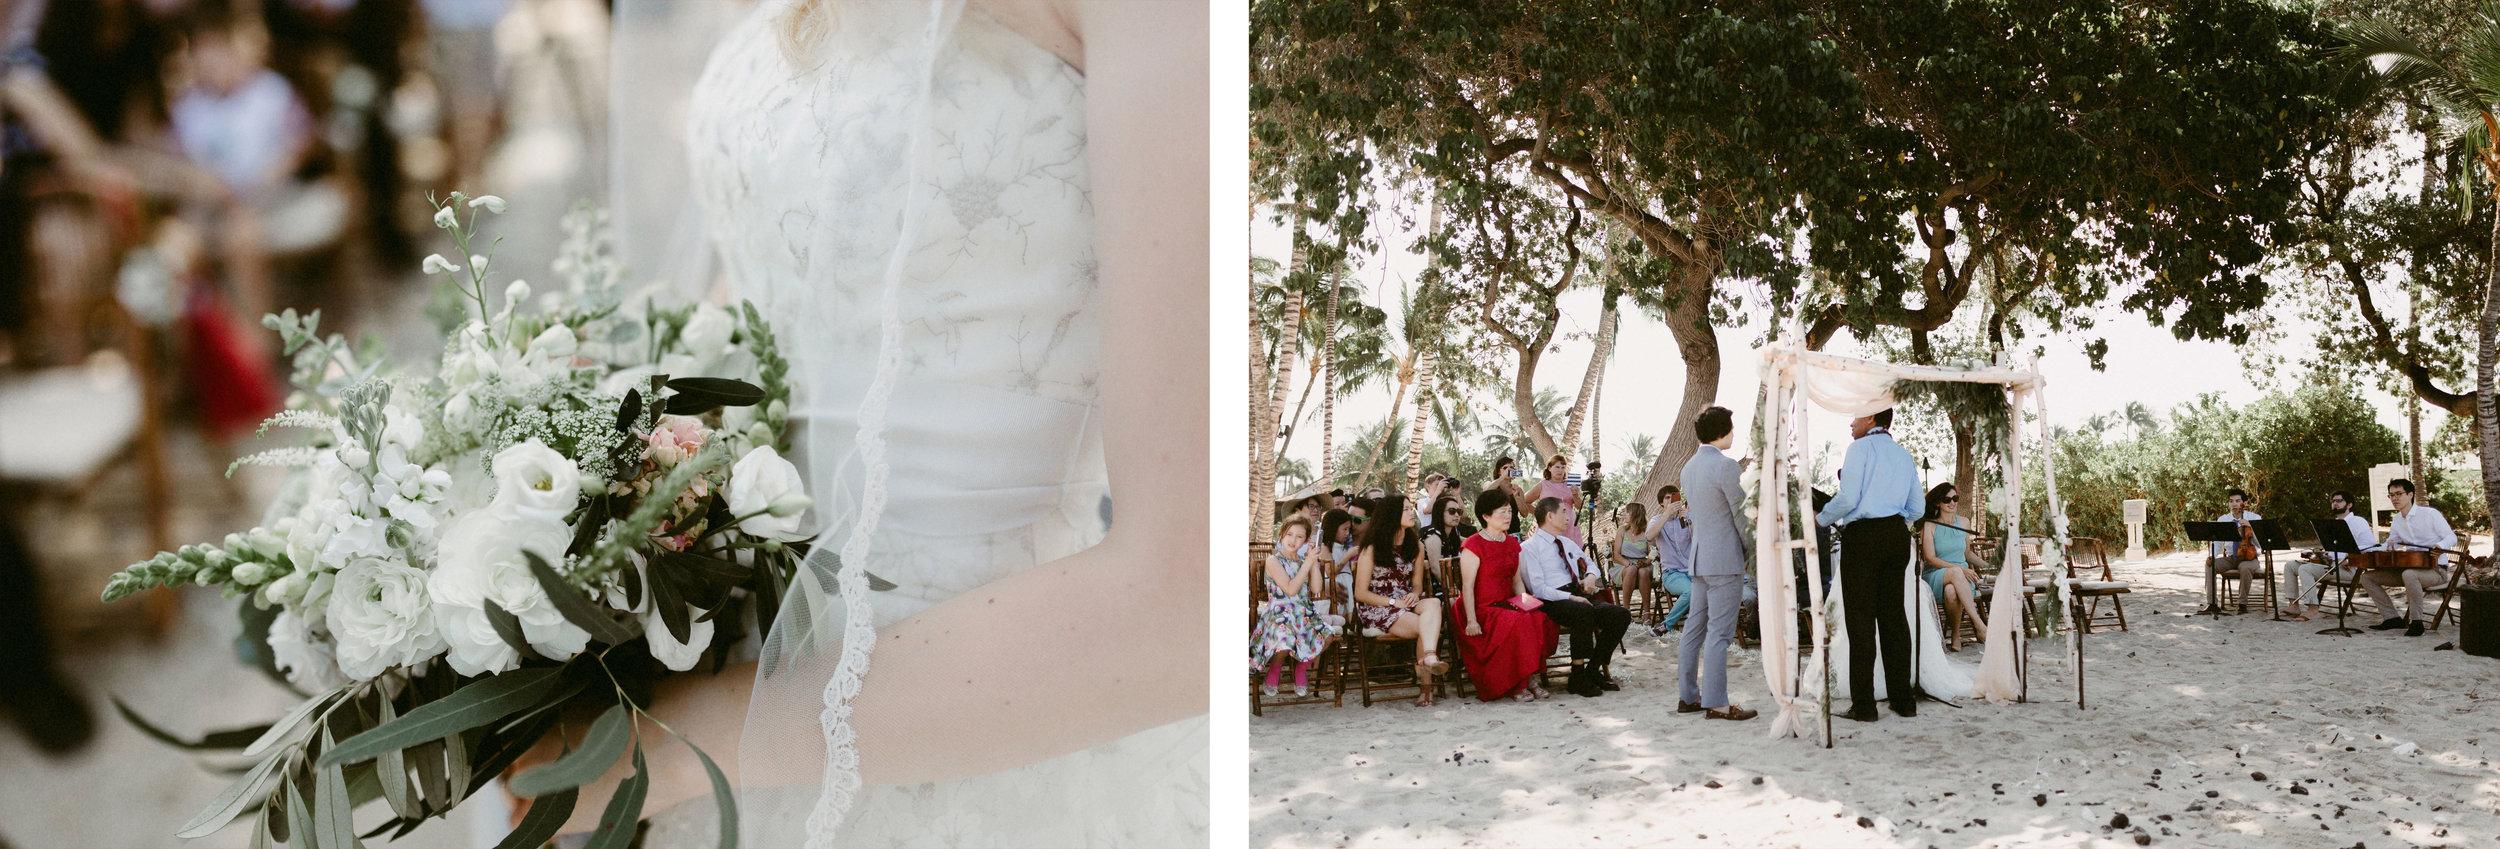 Kona Hawaii Wedding_10.jpg